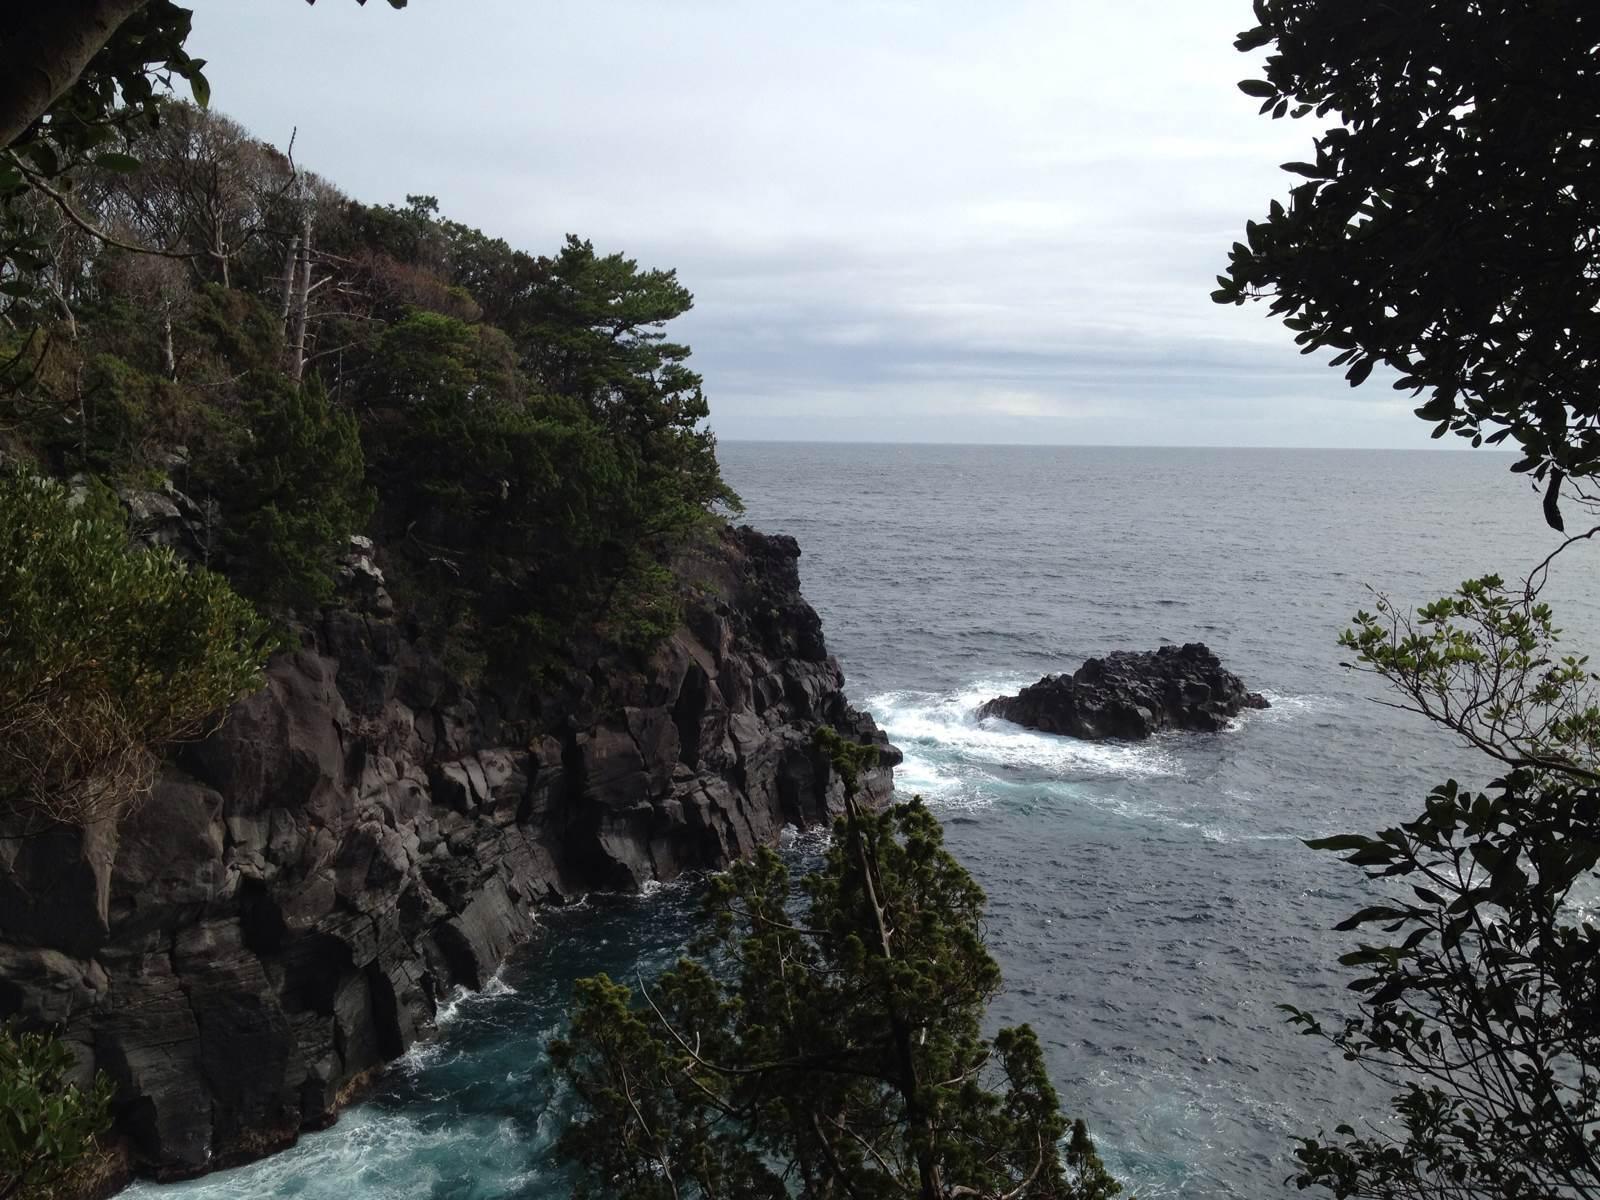 日本本州岛东南伊豆半岛东岸城市,是日本三大温泉之一.